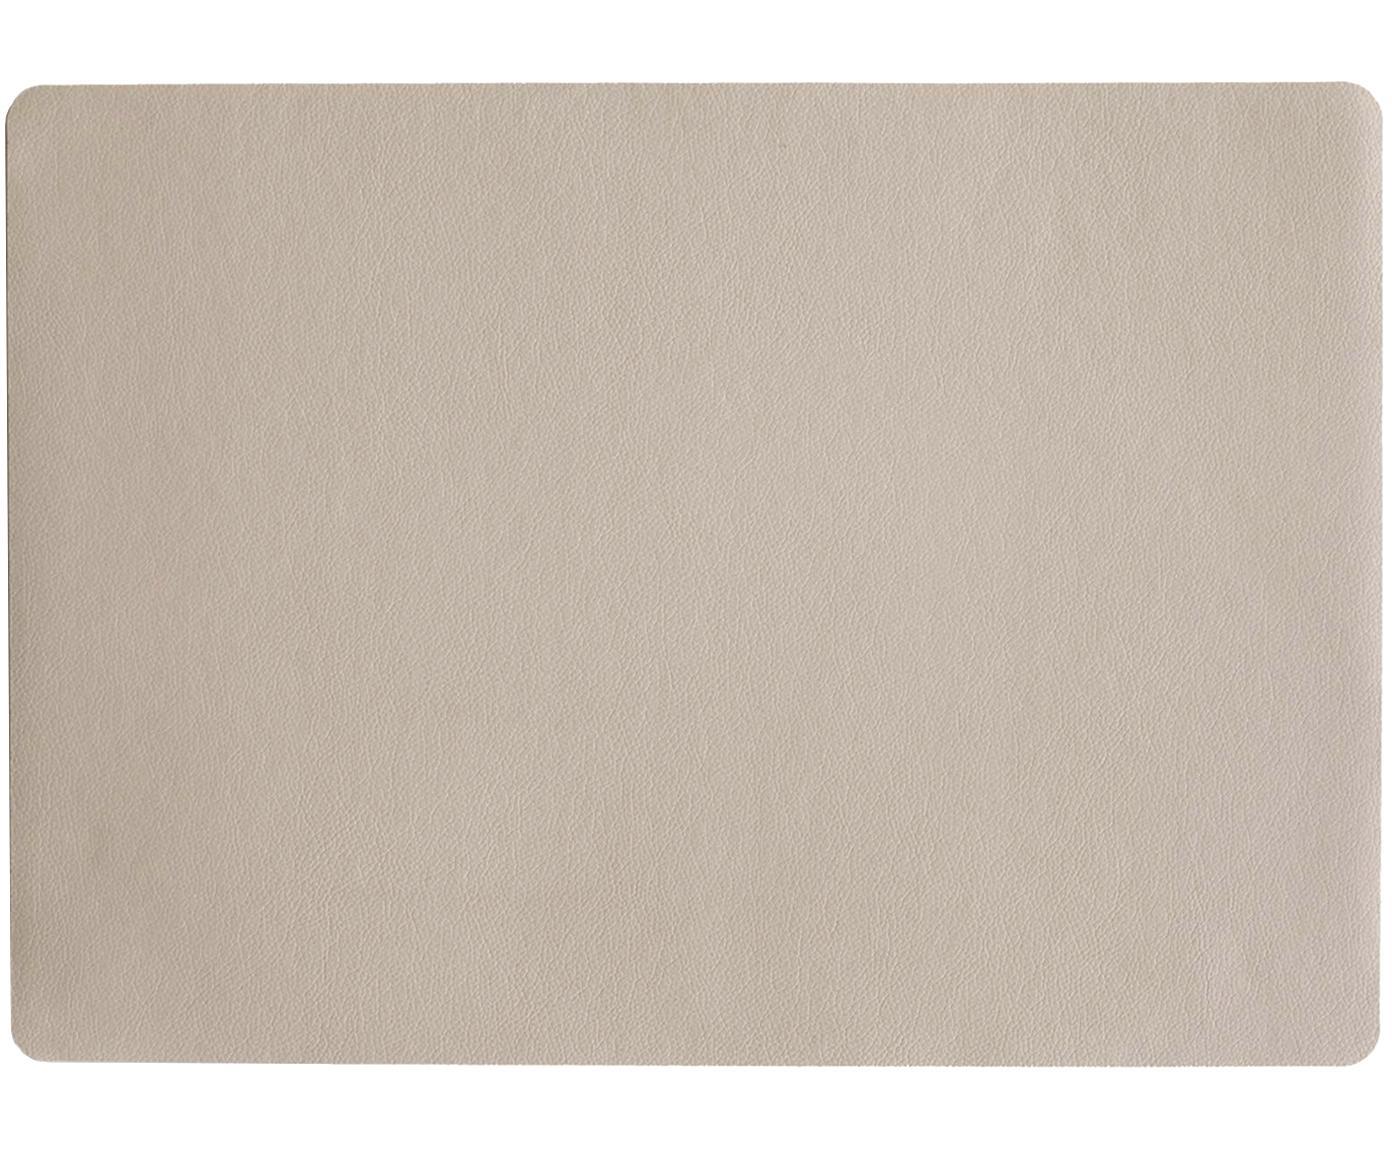 Kunststoffen placemats Pik van kunstleer, 2 stuks, Kunststof (PVC) van kunstleer, Lampenkap: grijs. Lampvoet: grijs. Snoer: wit, 33 x 46 cm